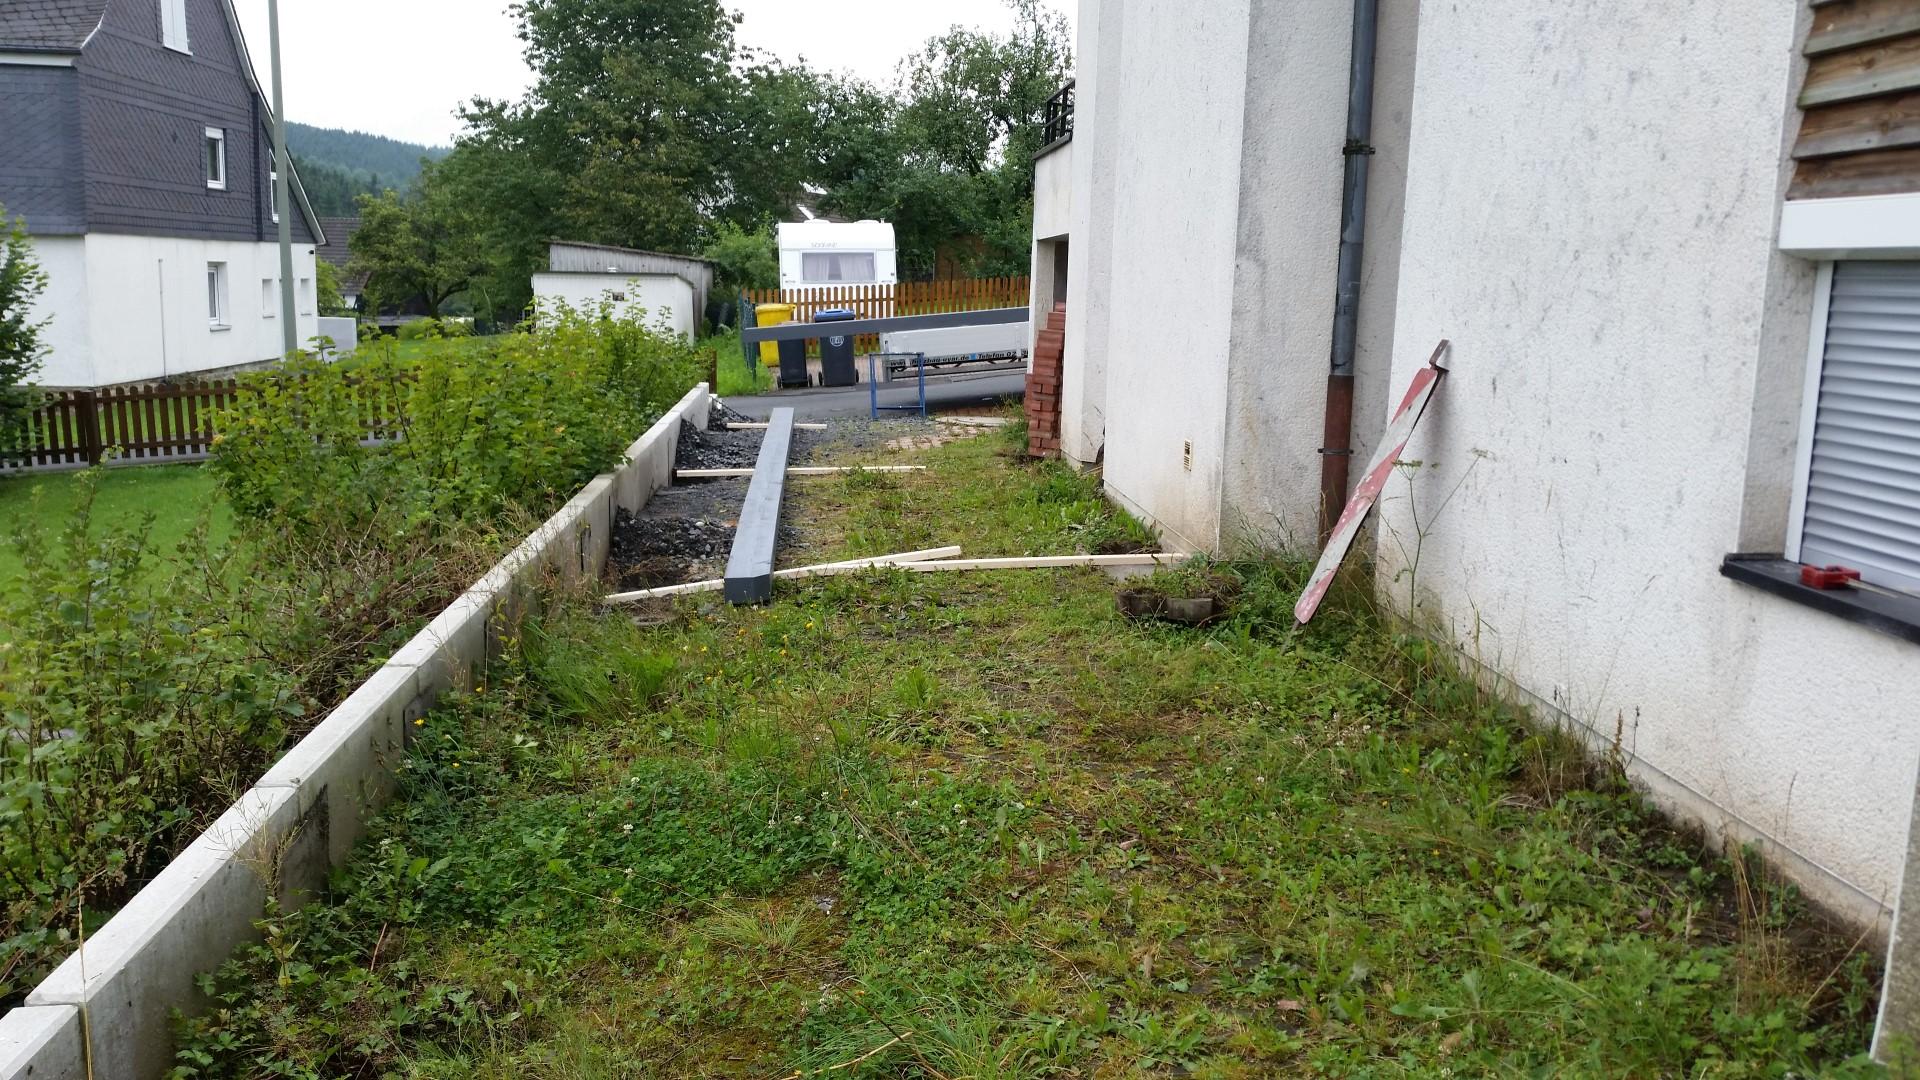 Vordach-mit-Carport-1-1